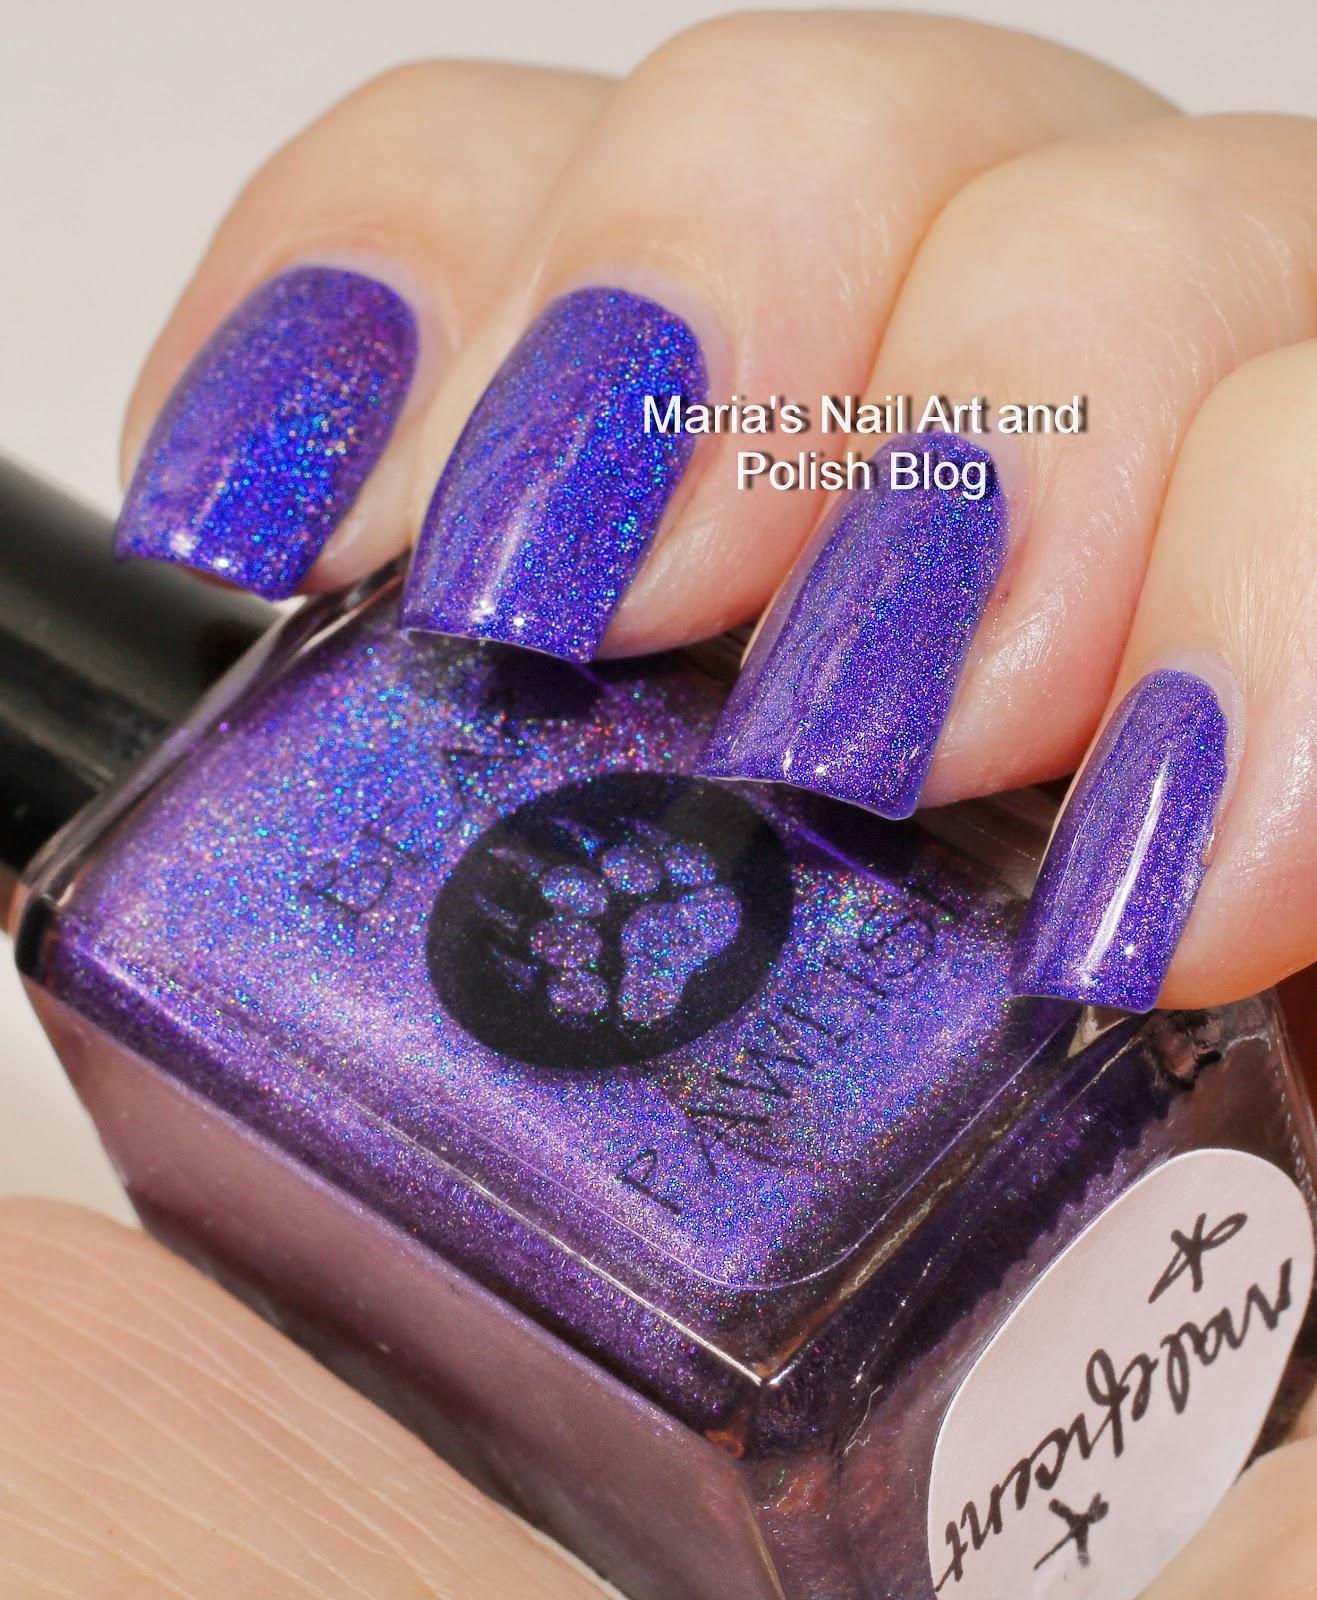 Marias Nail Art and Polish Blog: Bear Pawlish Maleficent swatches